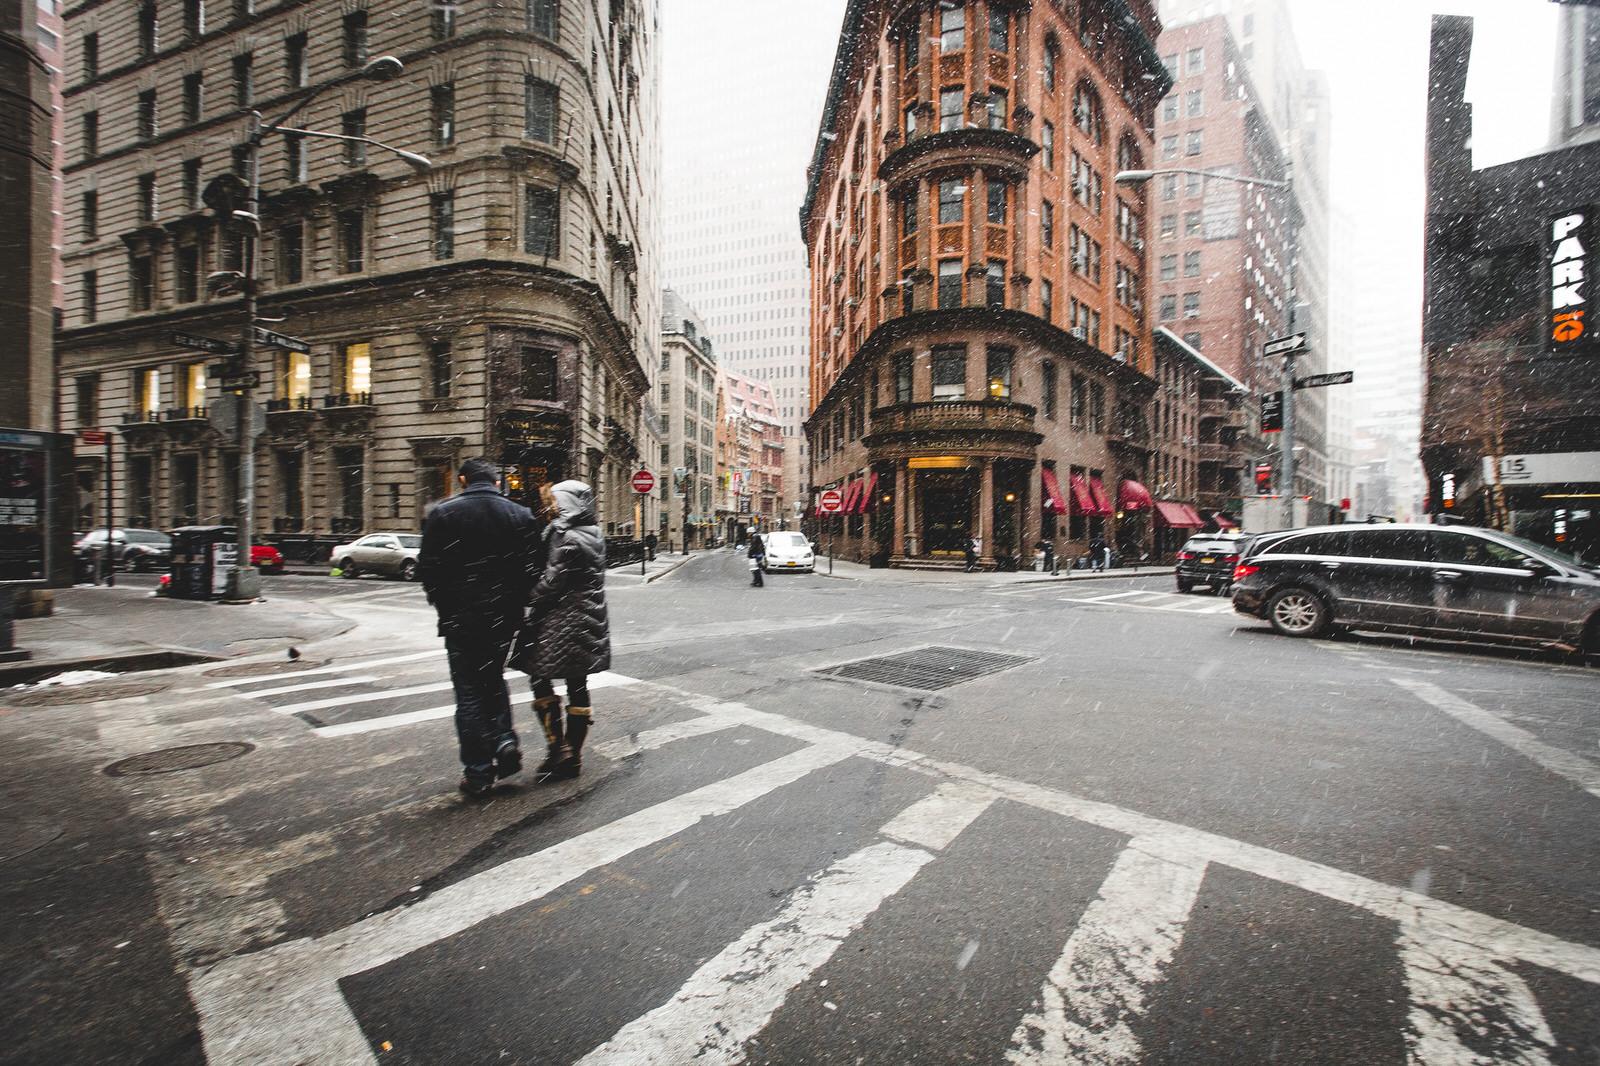 new-york-florian-schmitt-fotograf-46.jpg